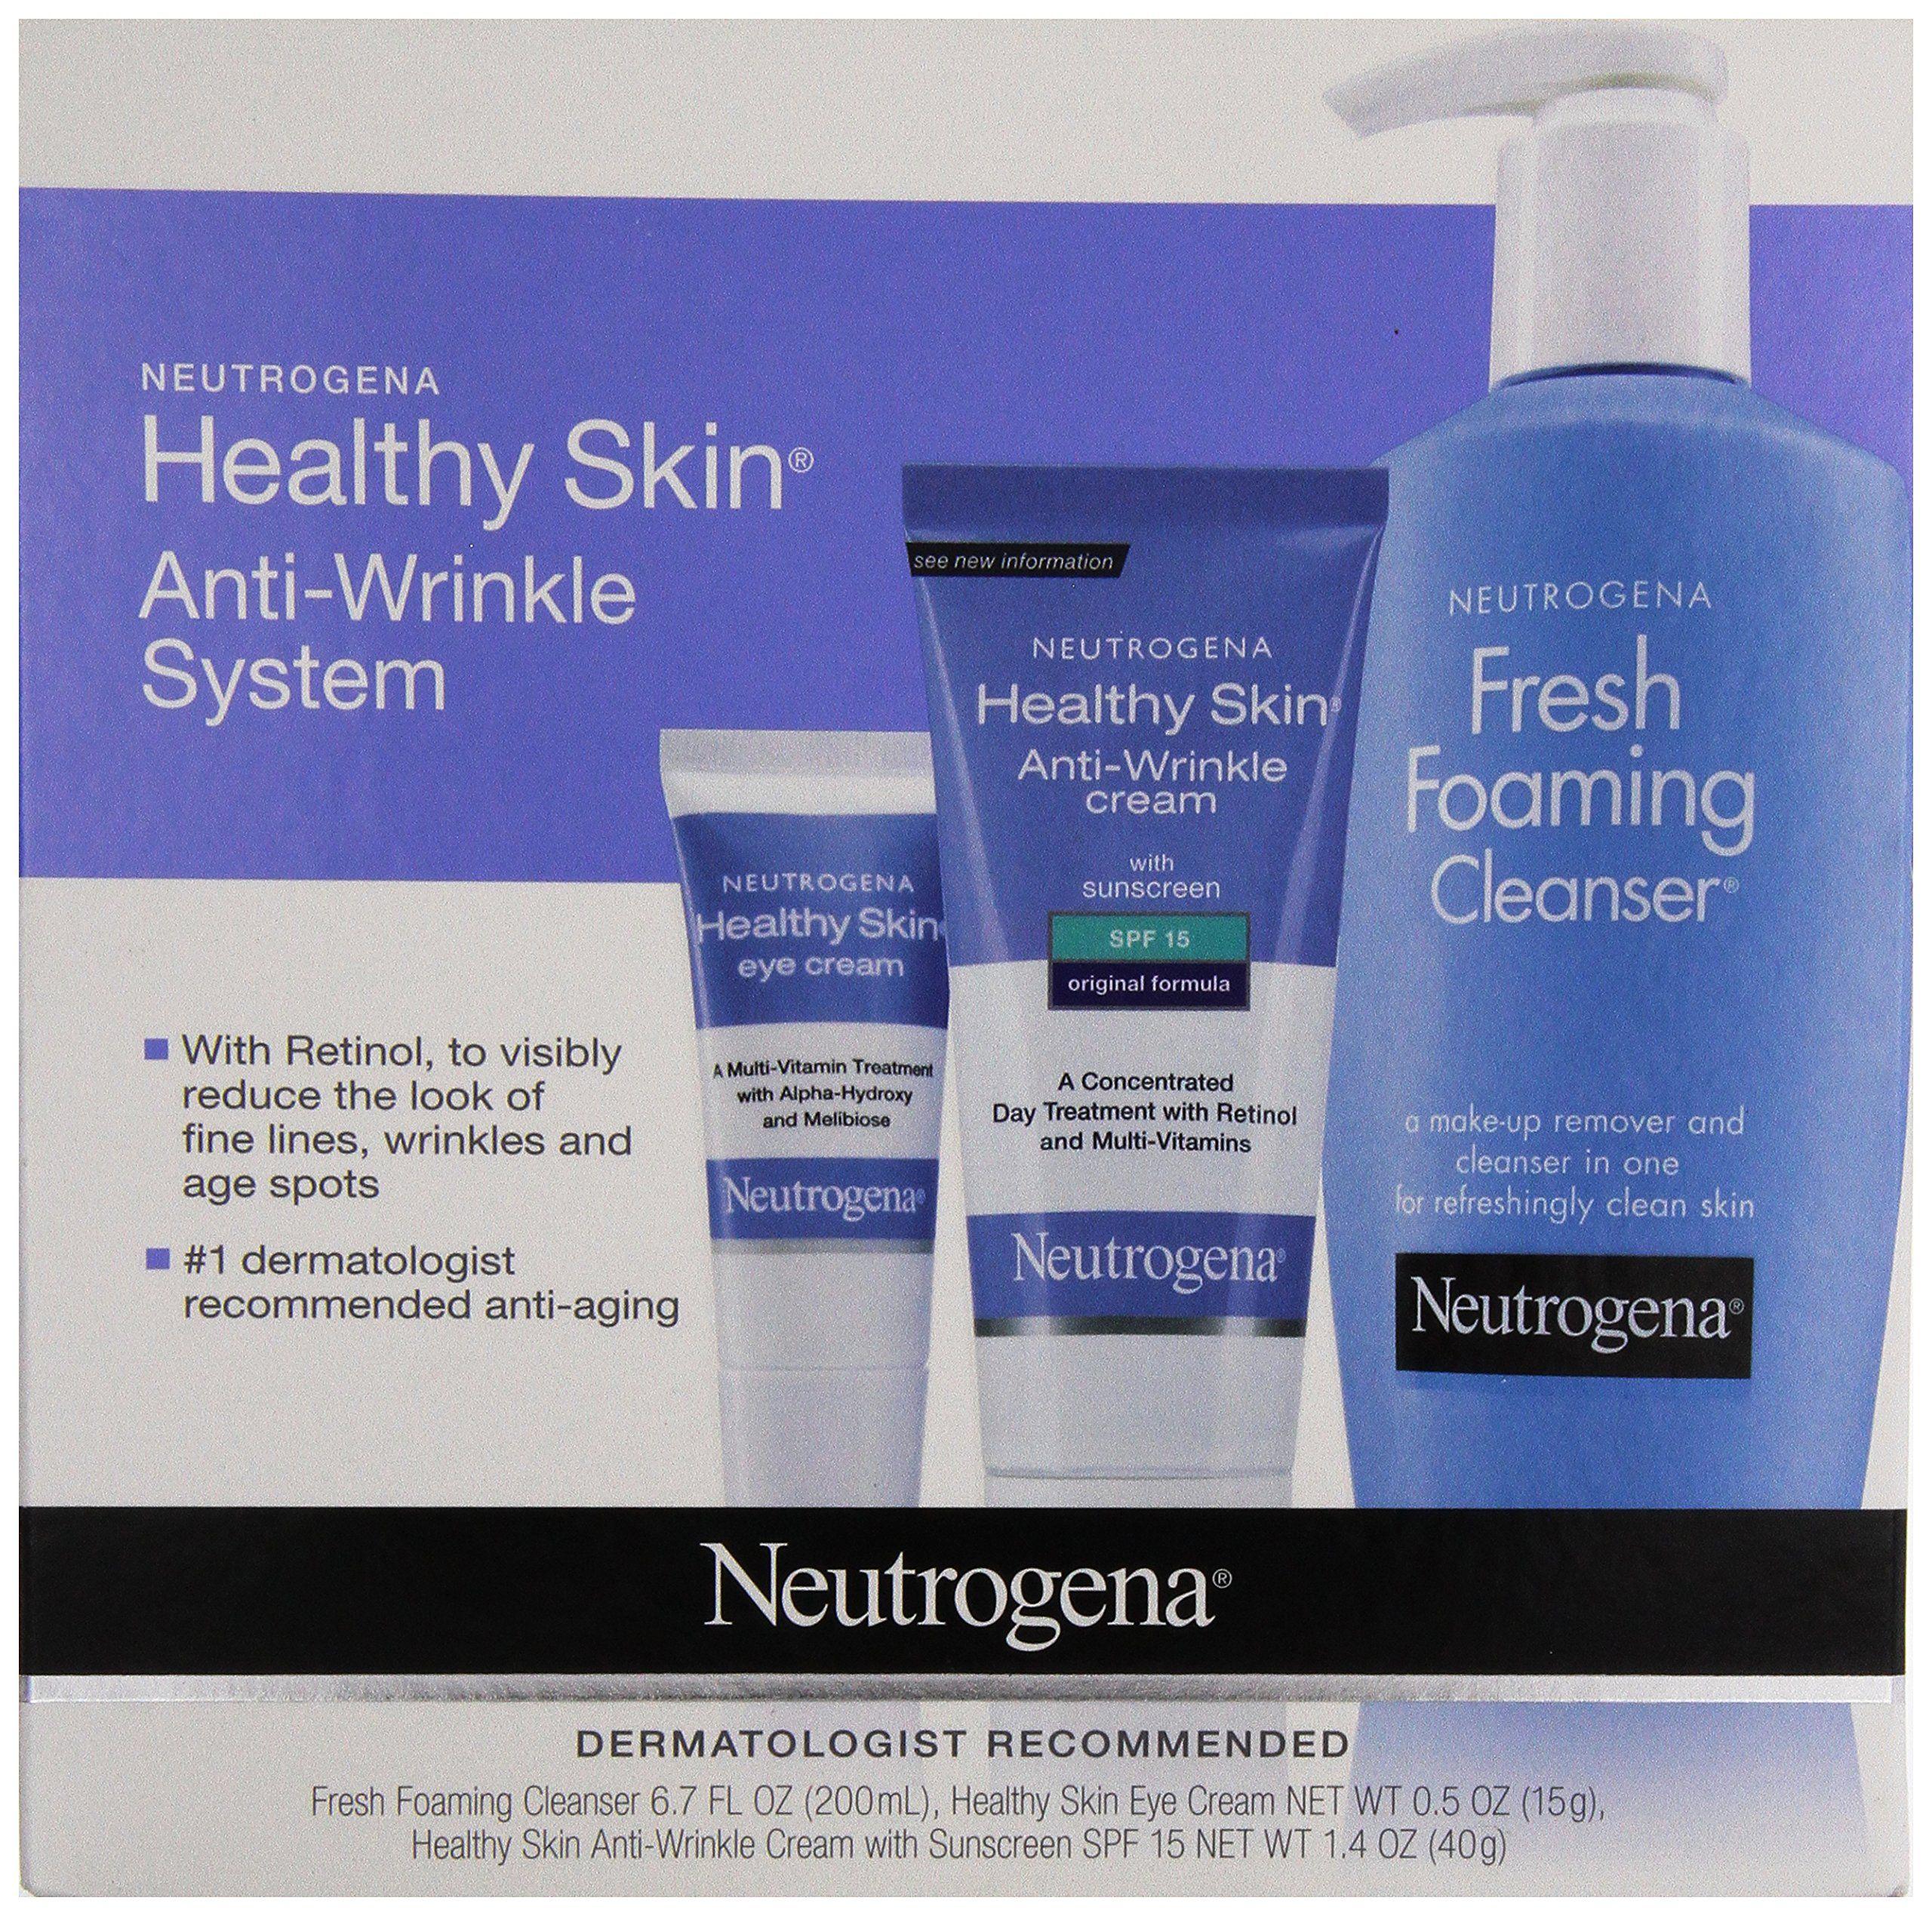 Neutrogena Healthy Skin Anti Wrinkle System With Retinol 1 Kit